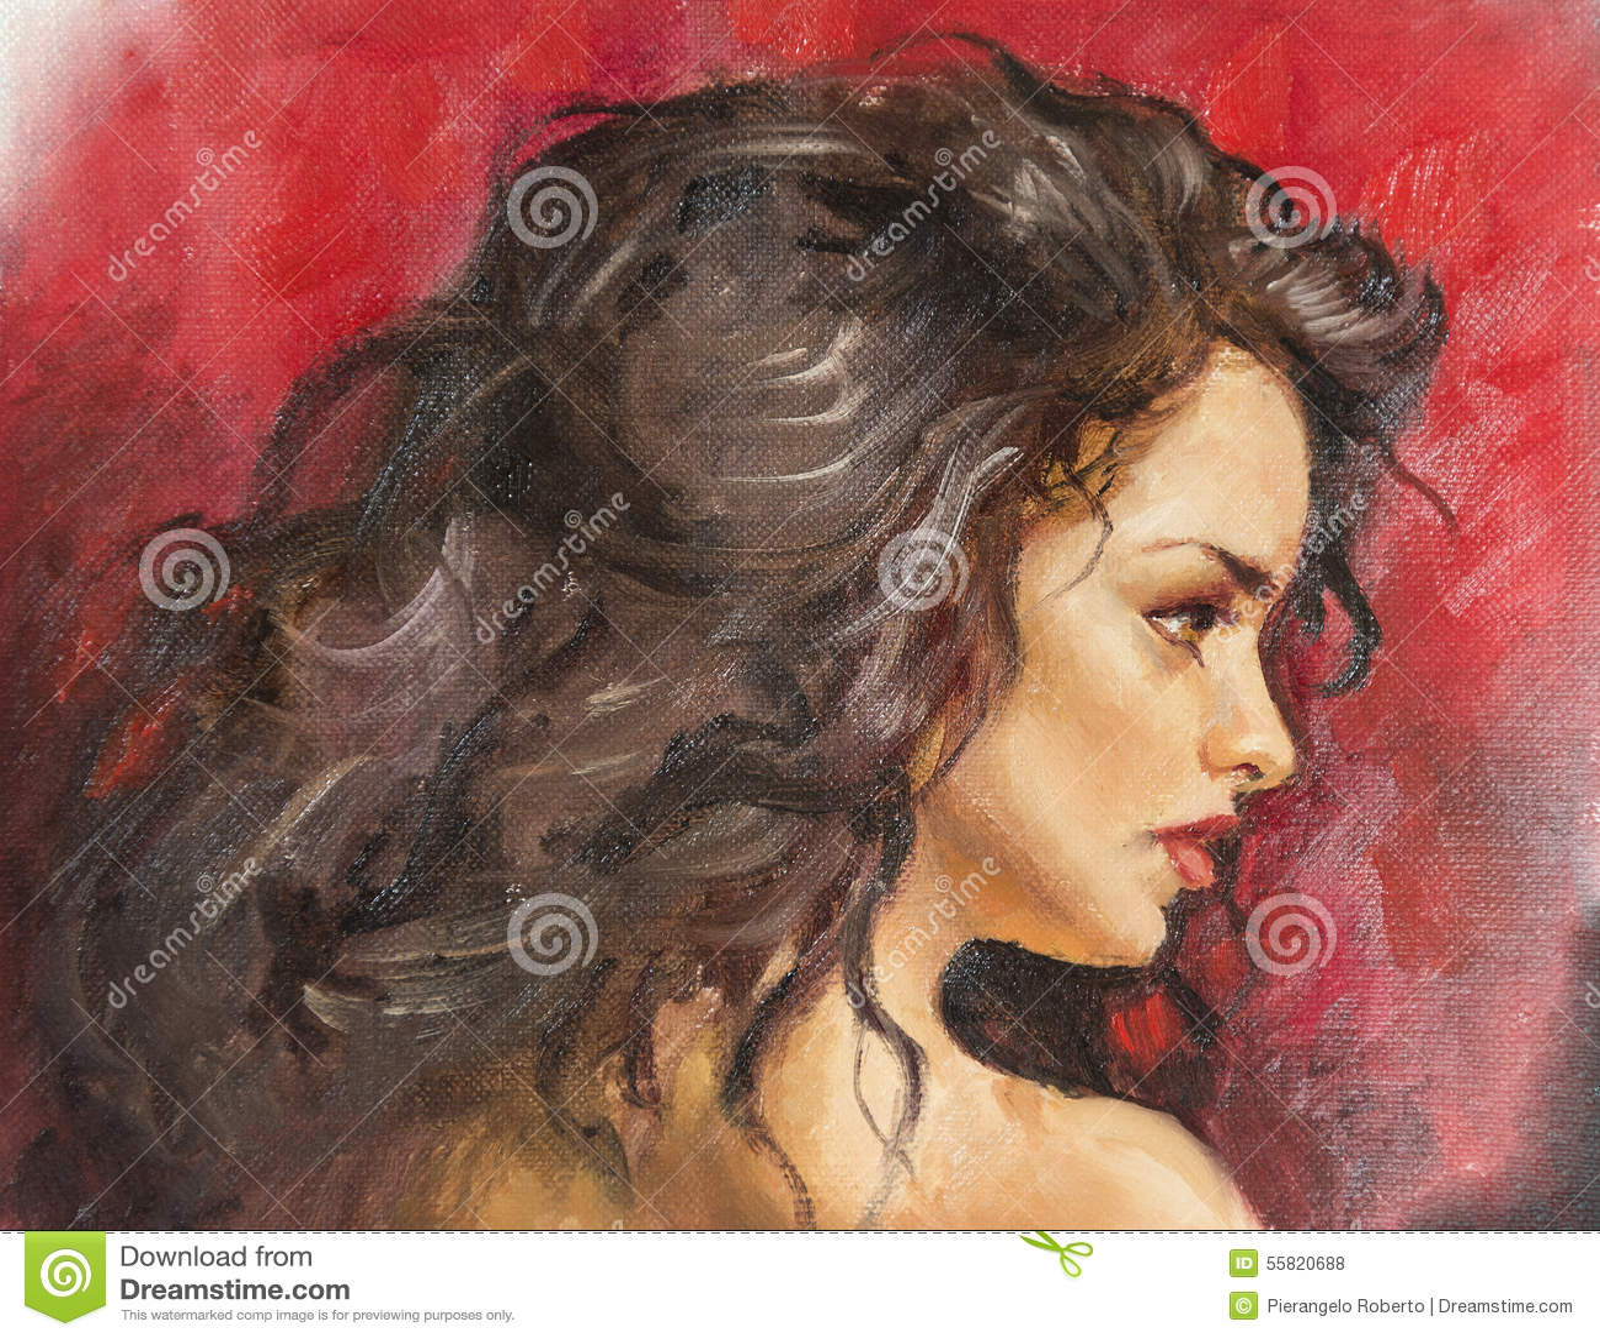 Peinture à L'huile Sur La Toile D'une Jeune Femme Illustration Stock - Image: 55820688